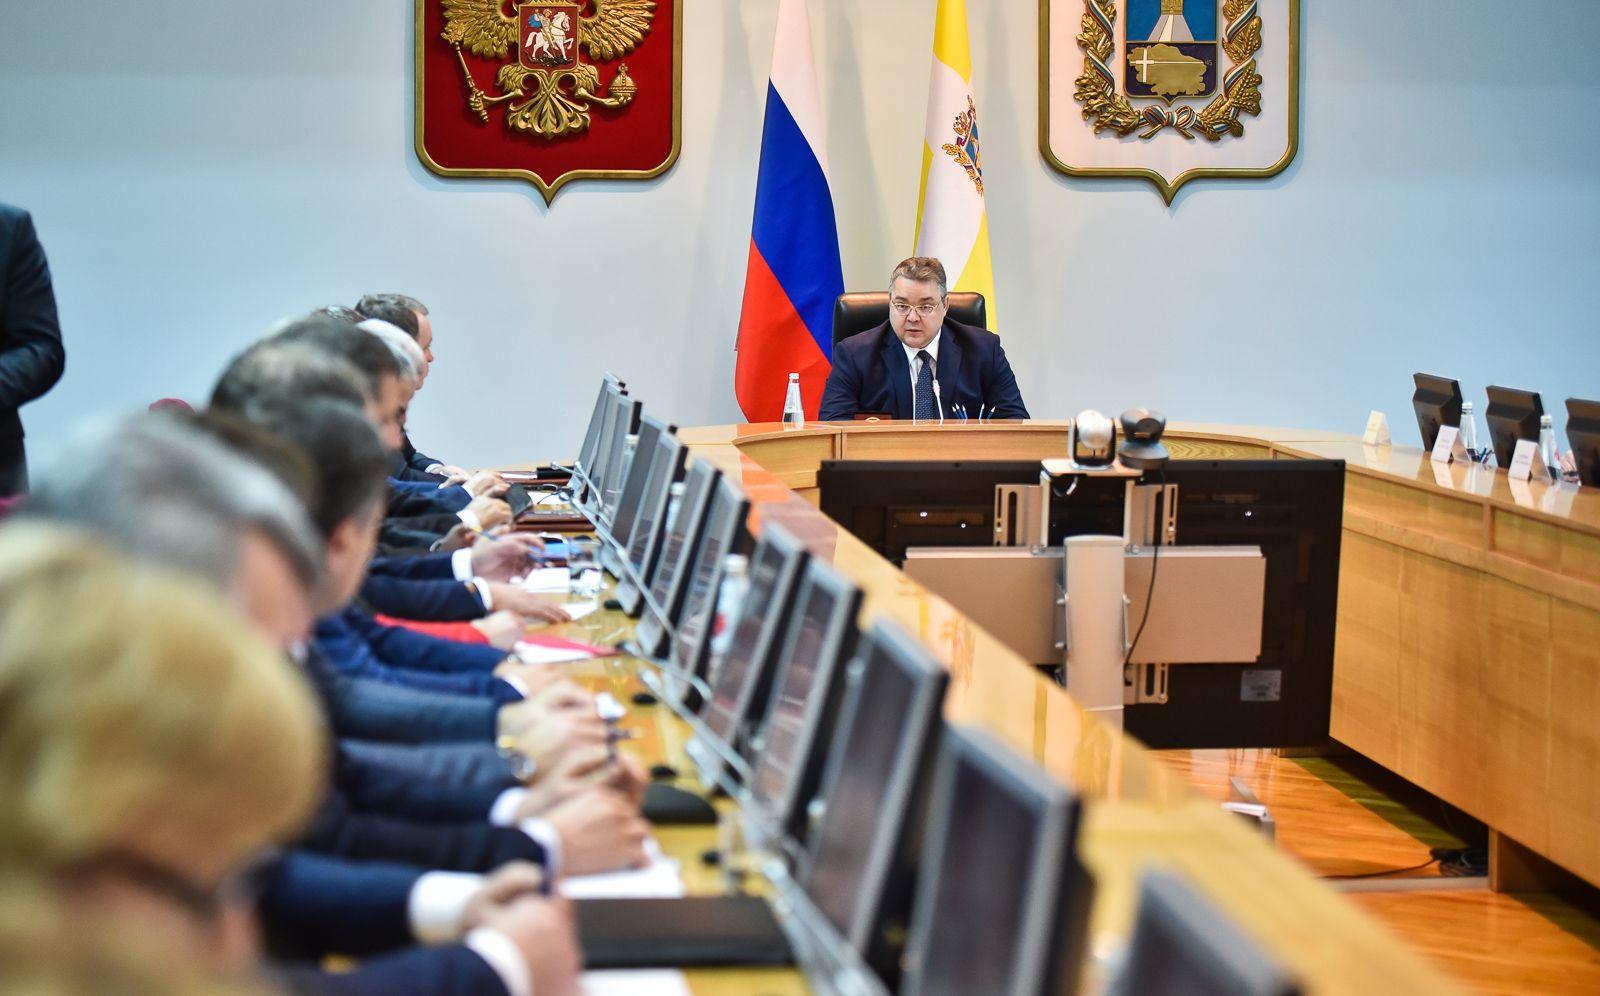 Бюджетные расходы на жильё для молодых семей на Ставрополье увеличатся в 20 раз